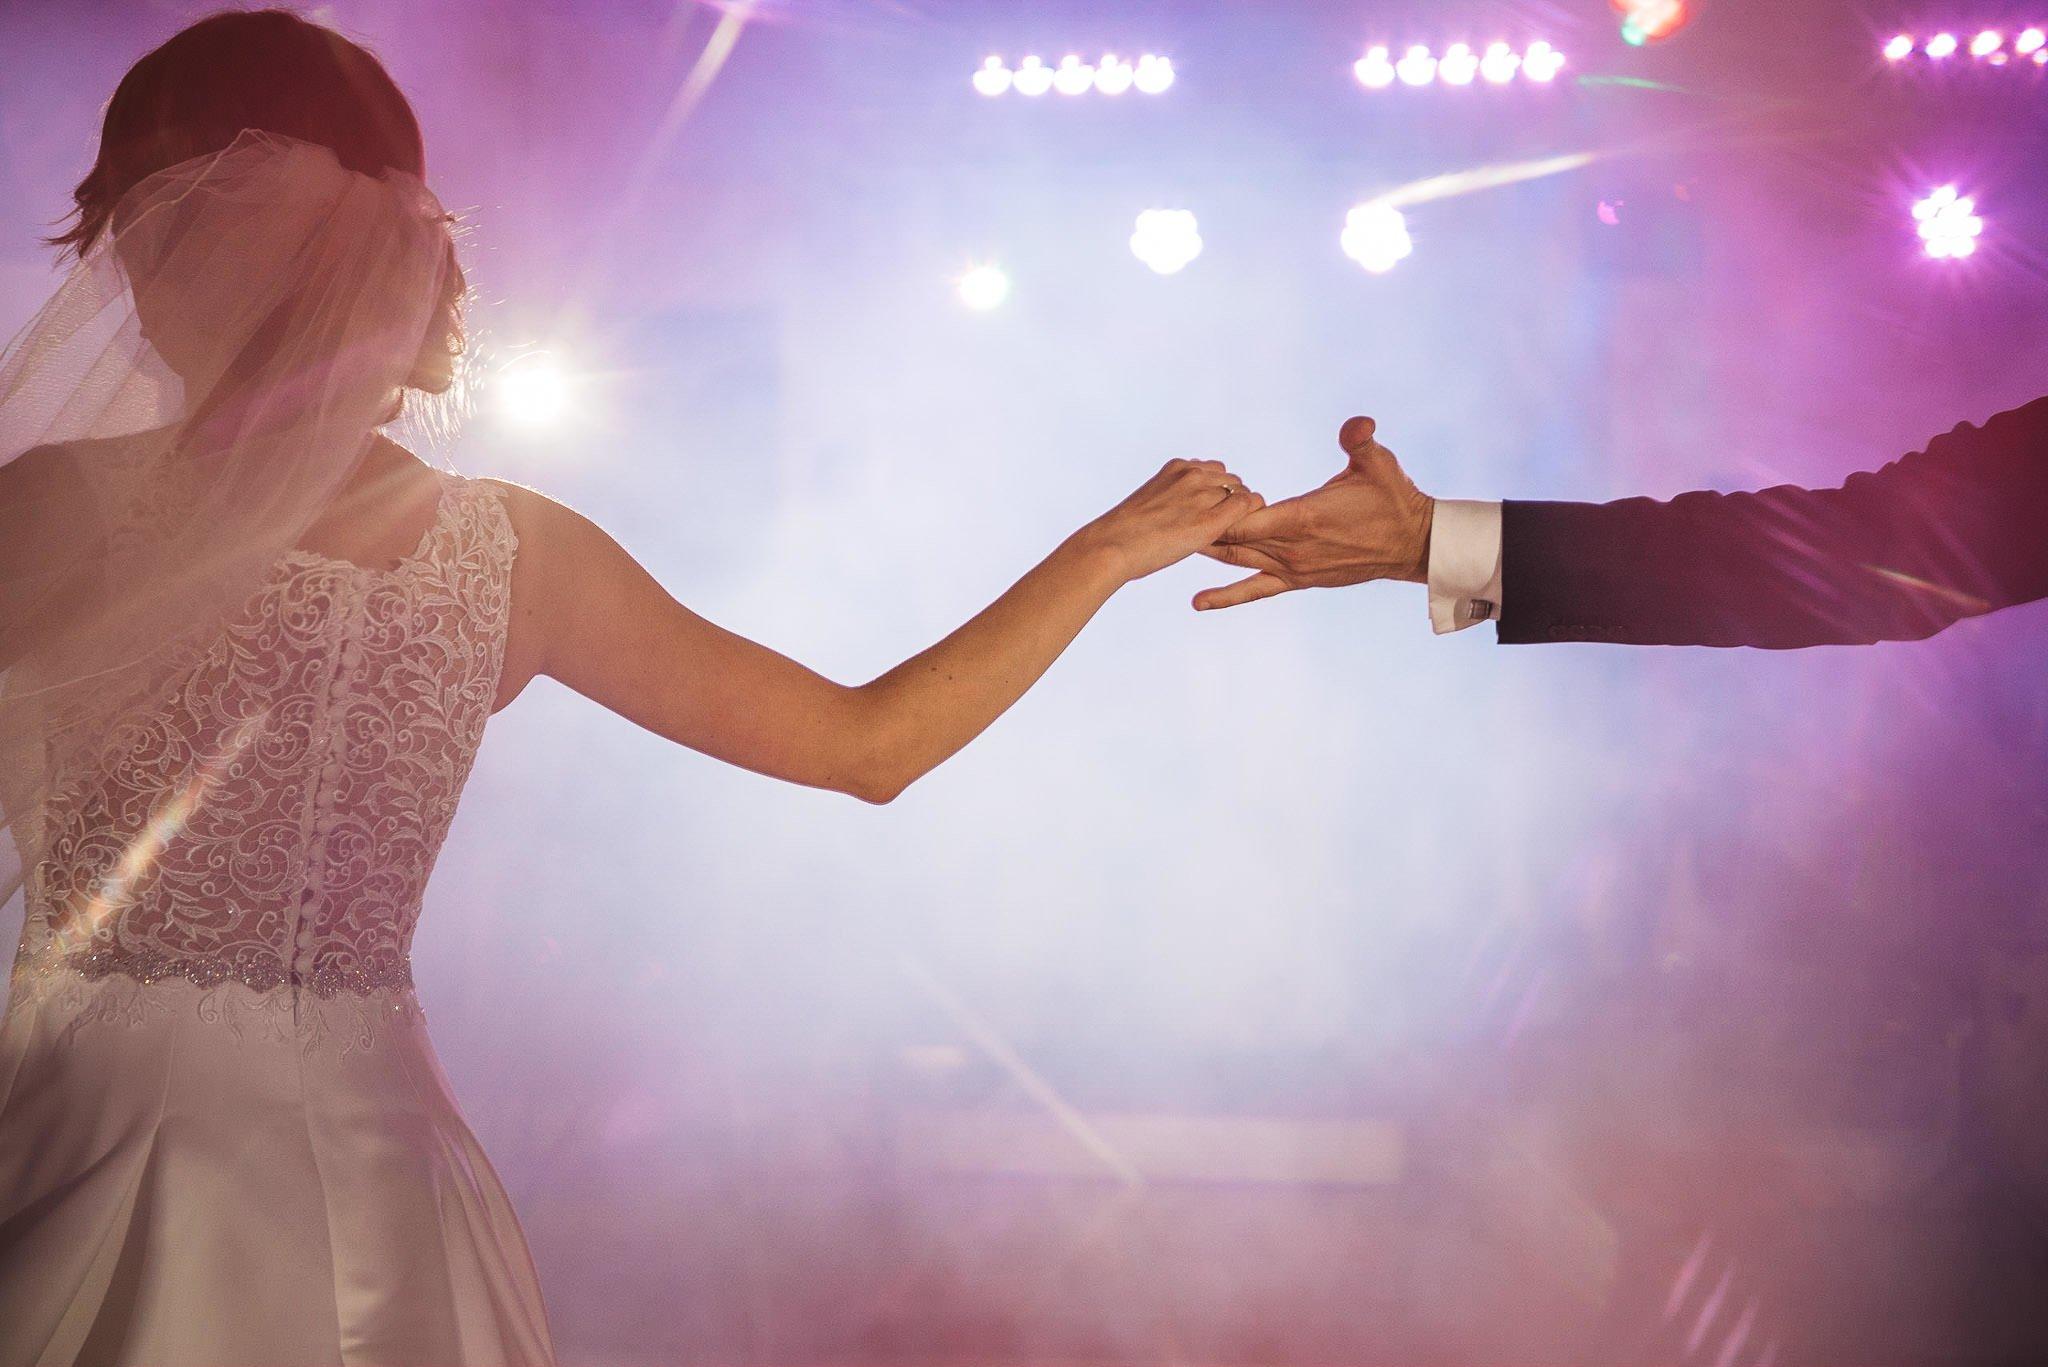 Monika i Michał, wesele w Paryżu i sesja plenerowa w stadninie koni w Czołowie 184